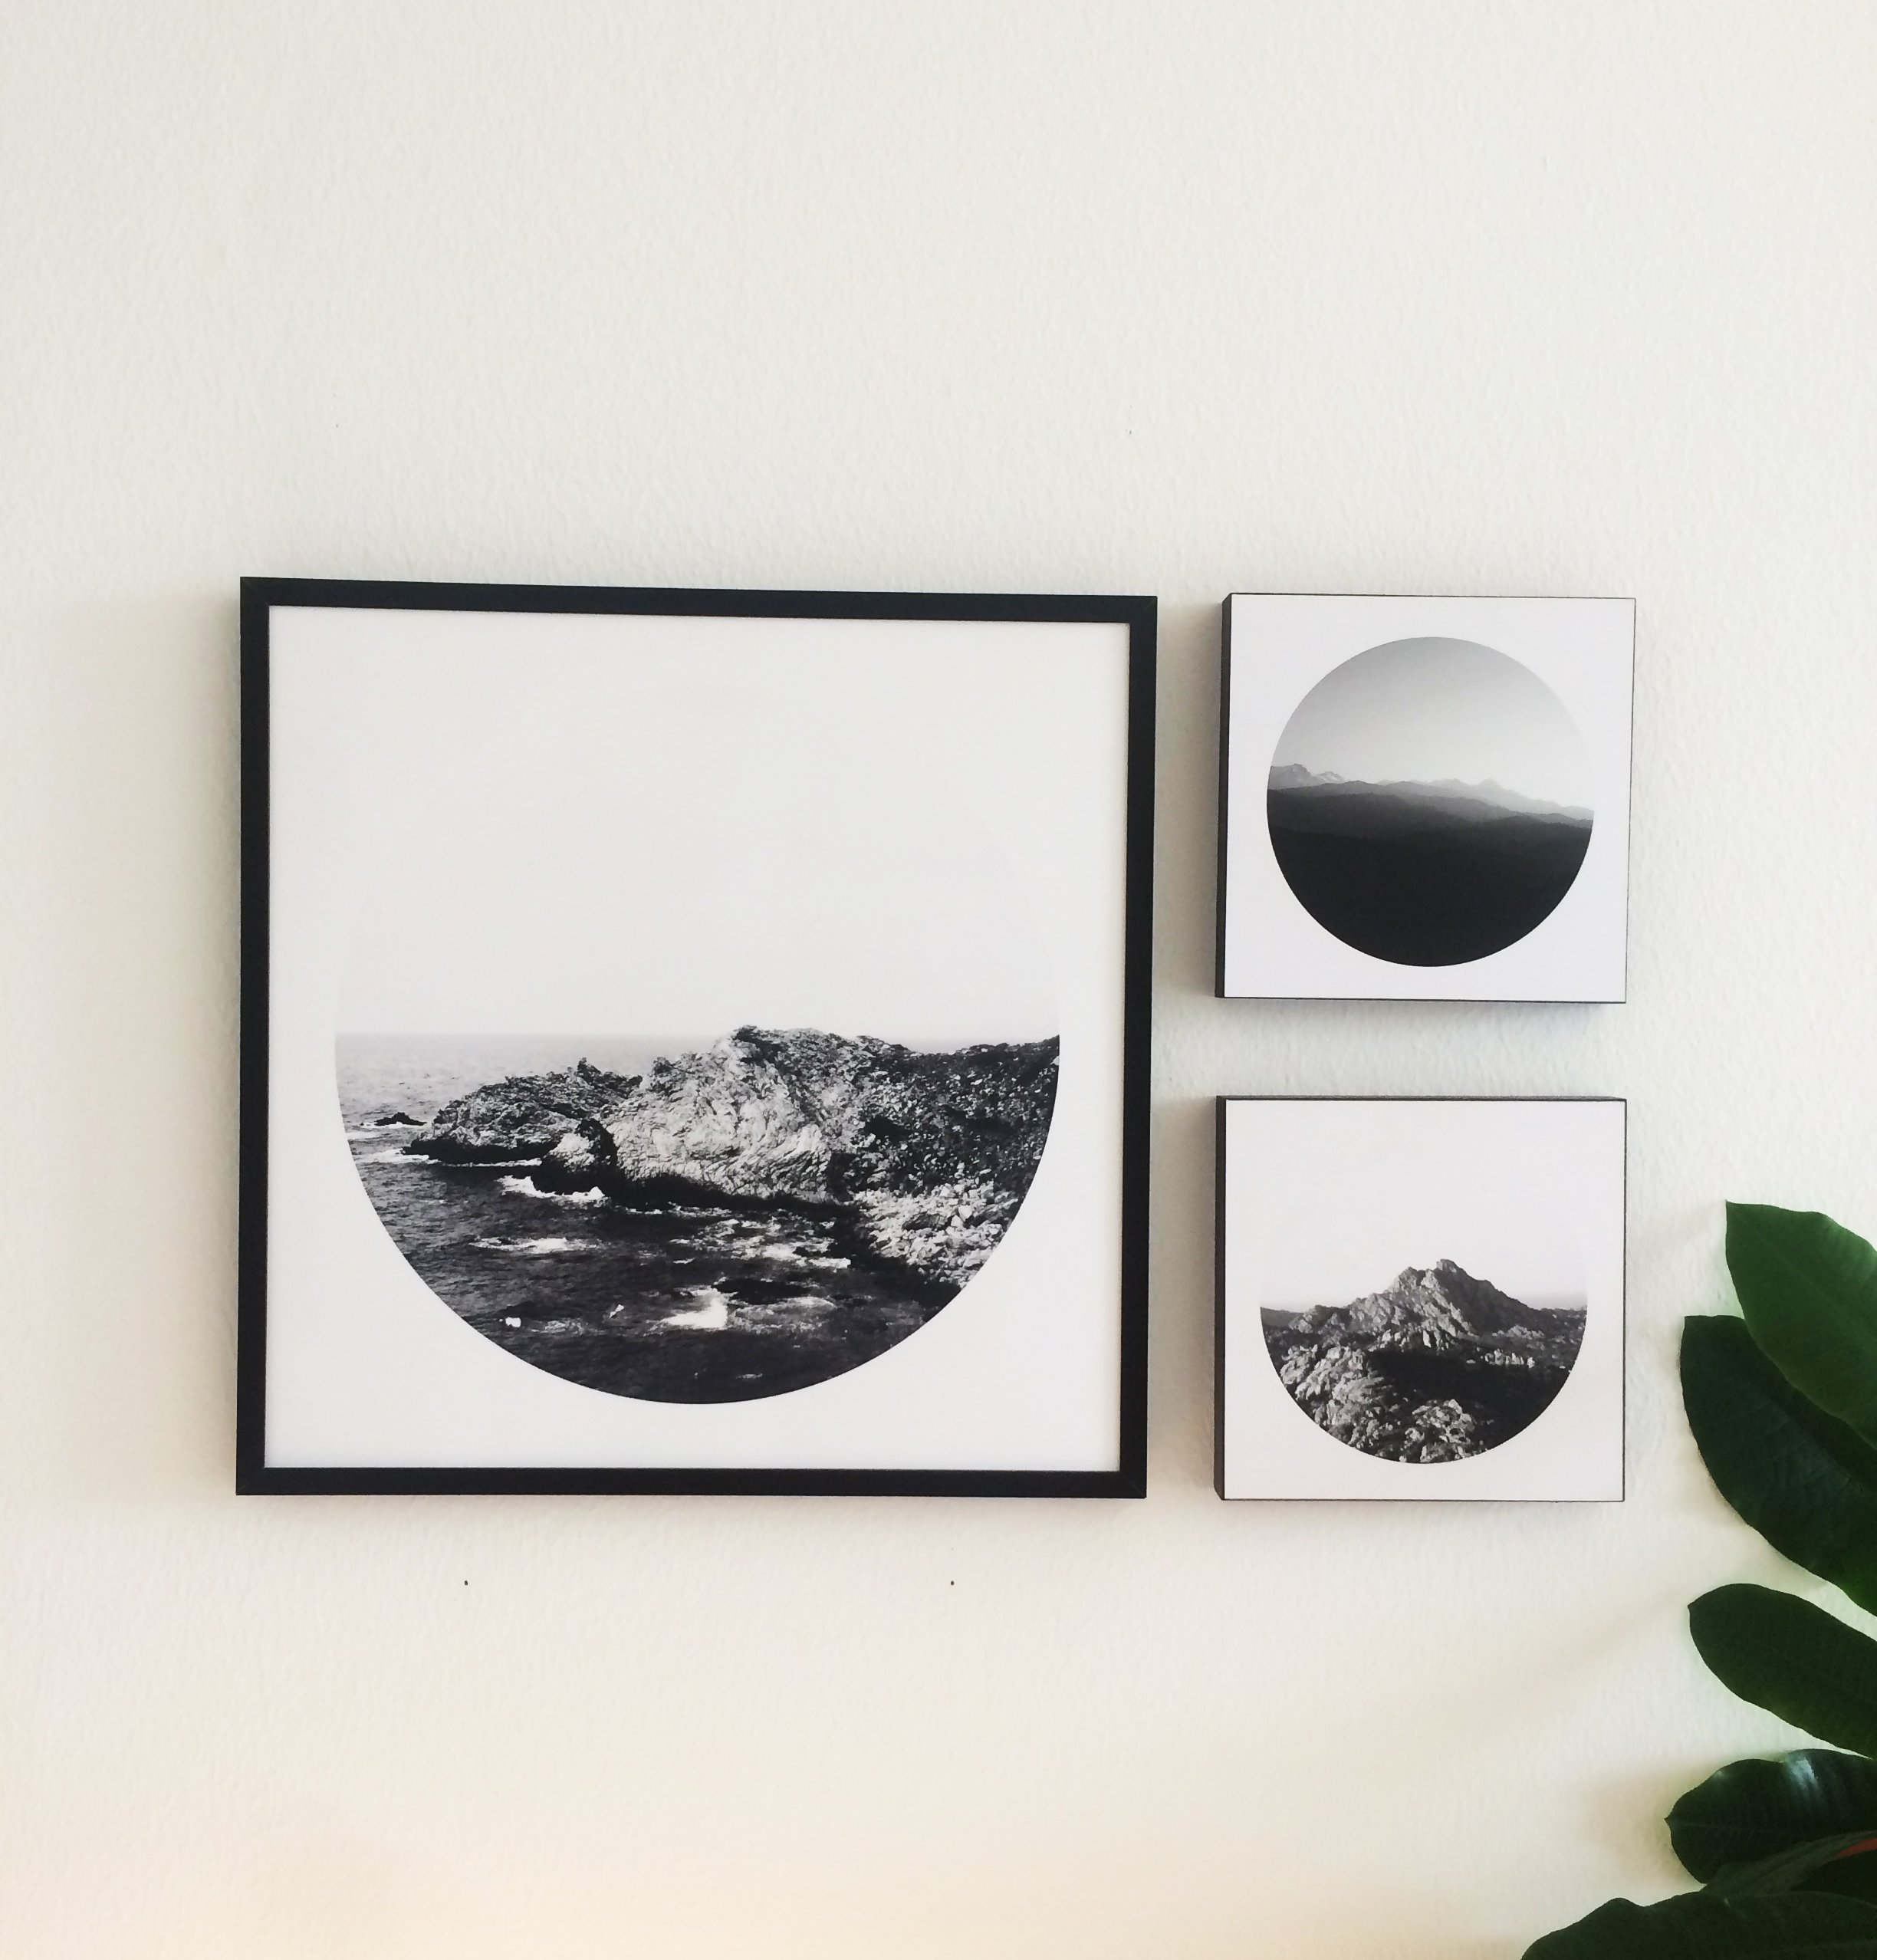 å pävi – 3er Bild-Serie